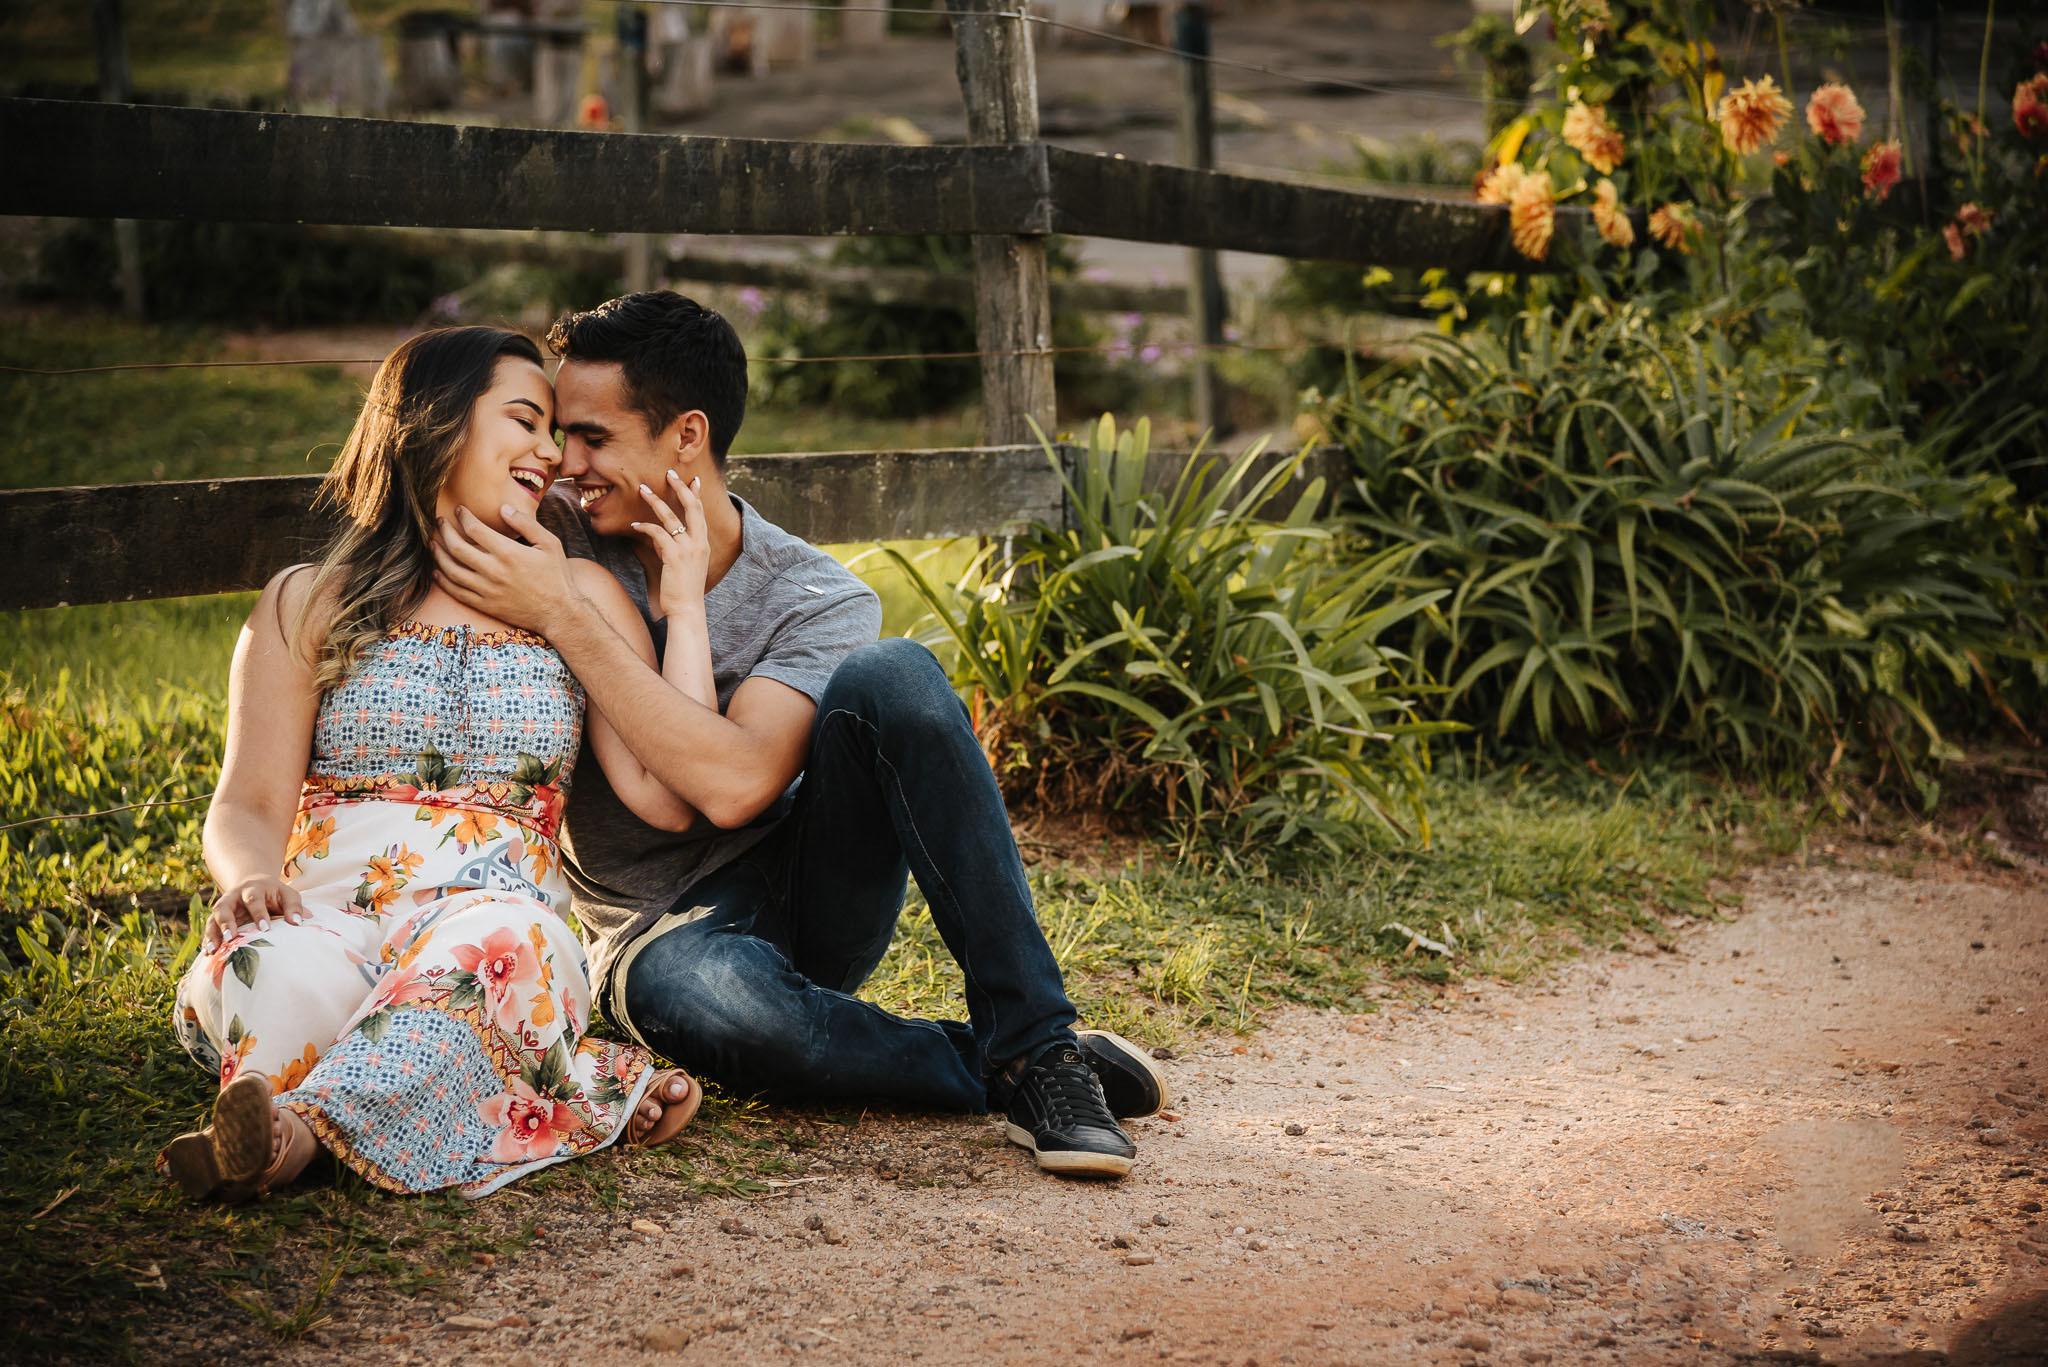 Contate Fotógrafos de Casamento no Espírito Santo - Albertazzi Fotografia